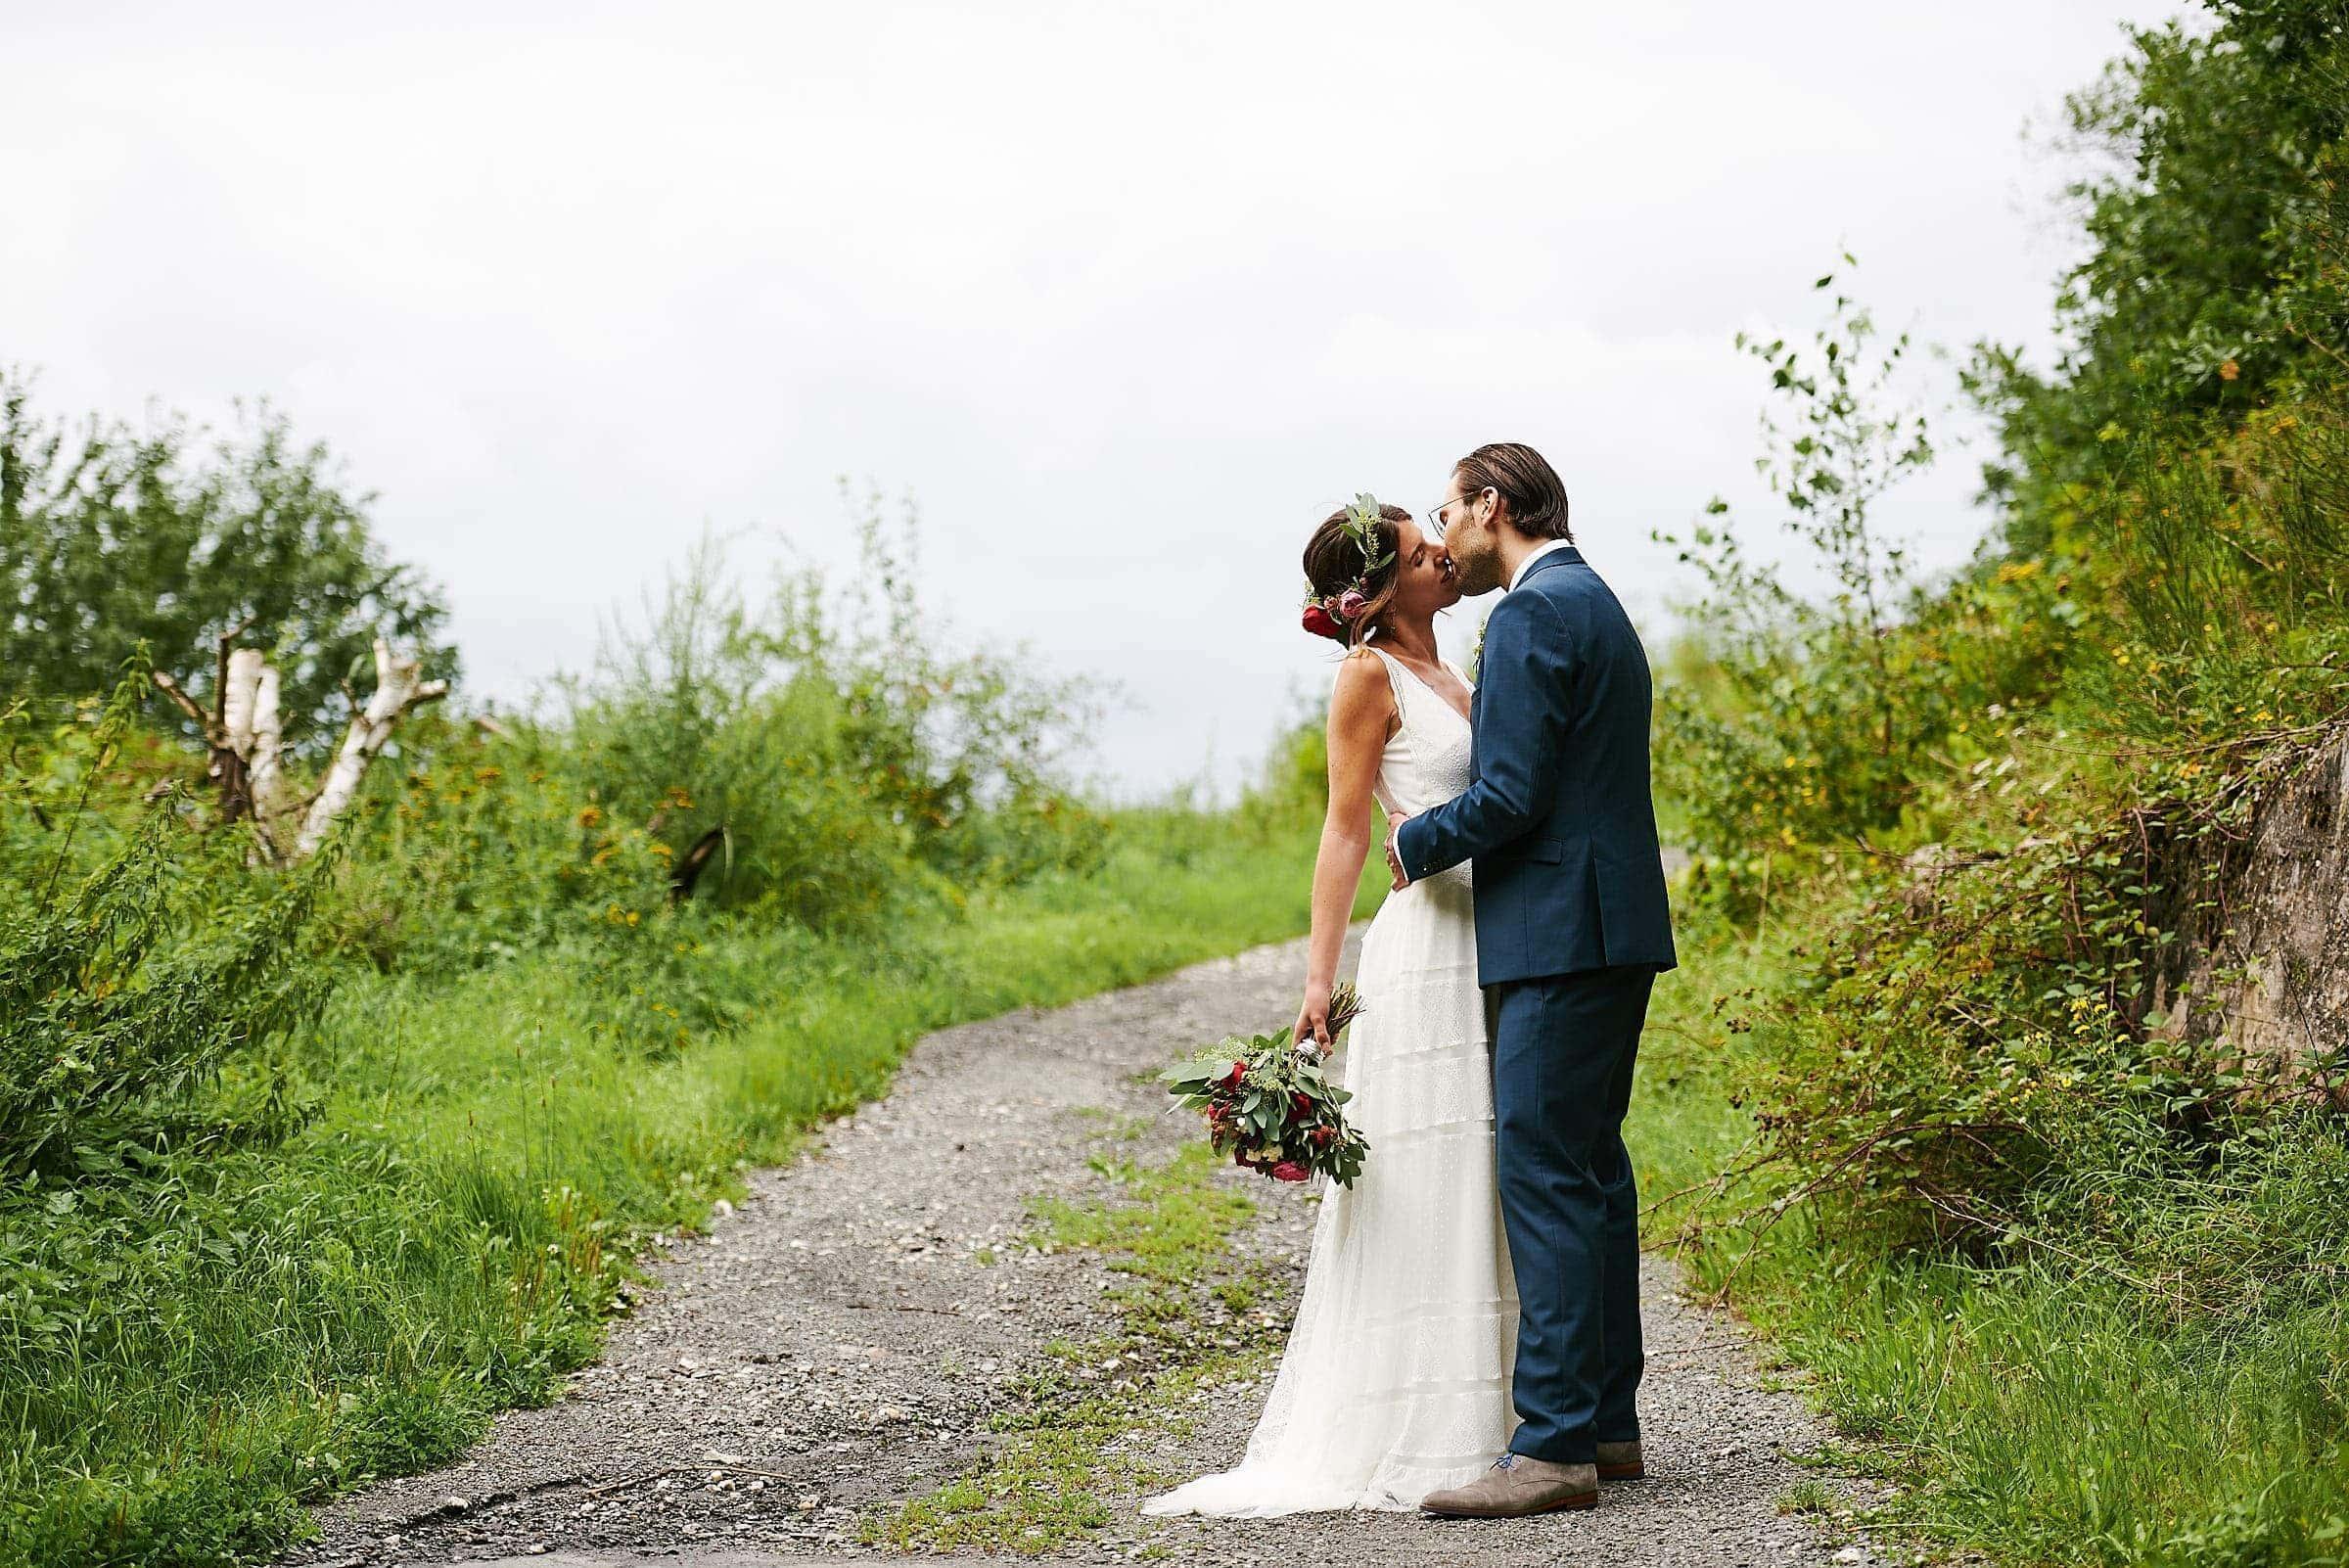 Aufregende Fotoshootings für unsere Brautpaare gehören zum Programm